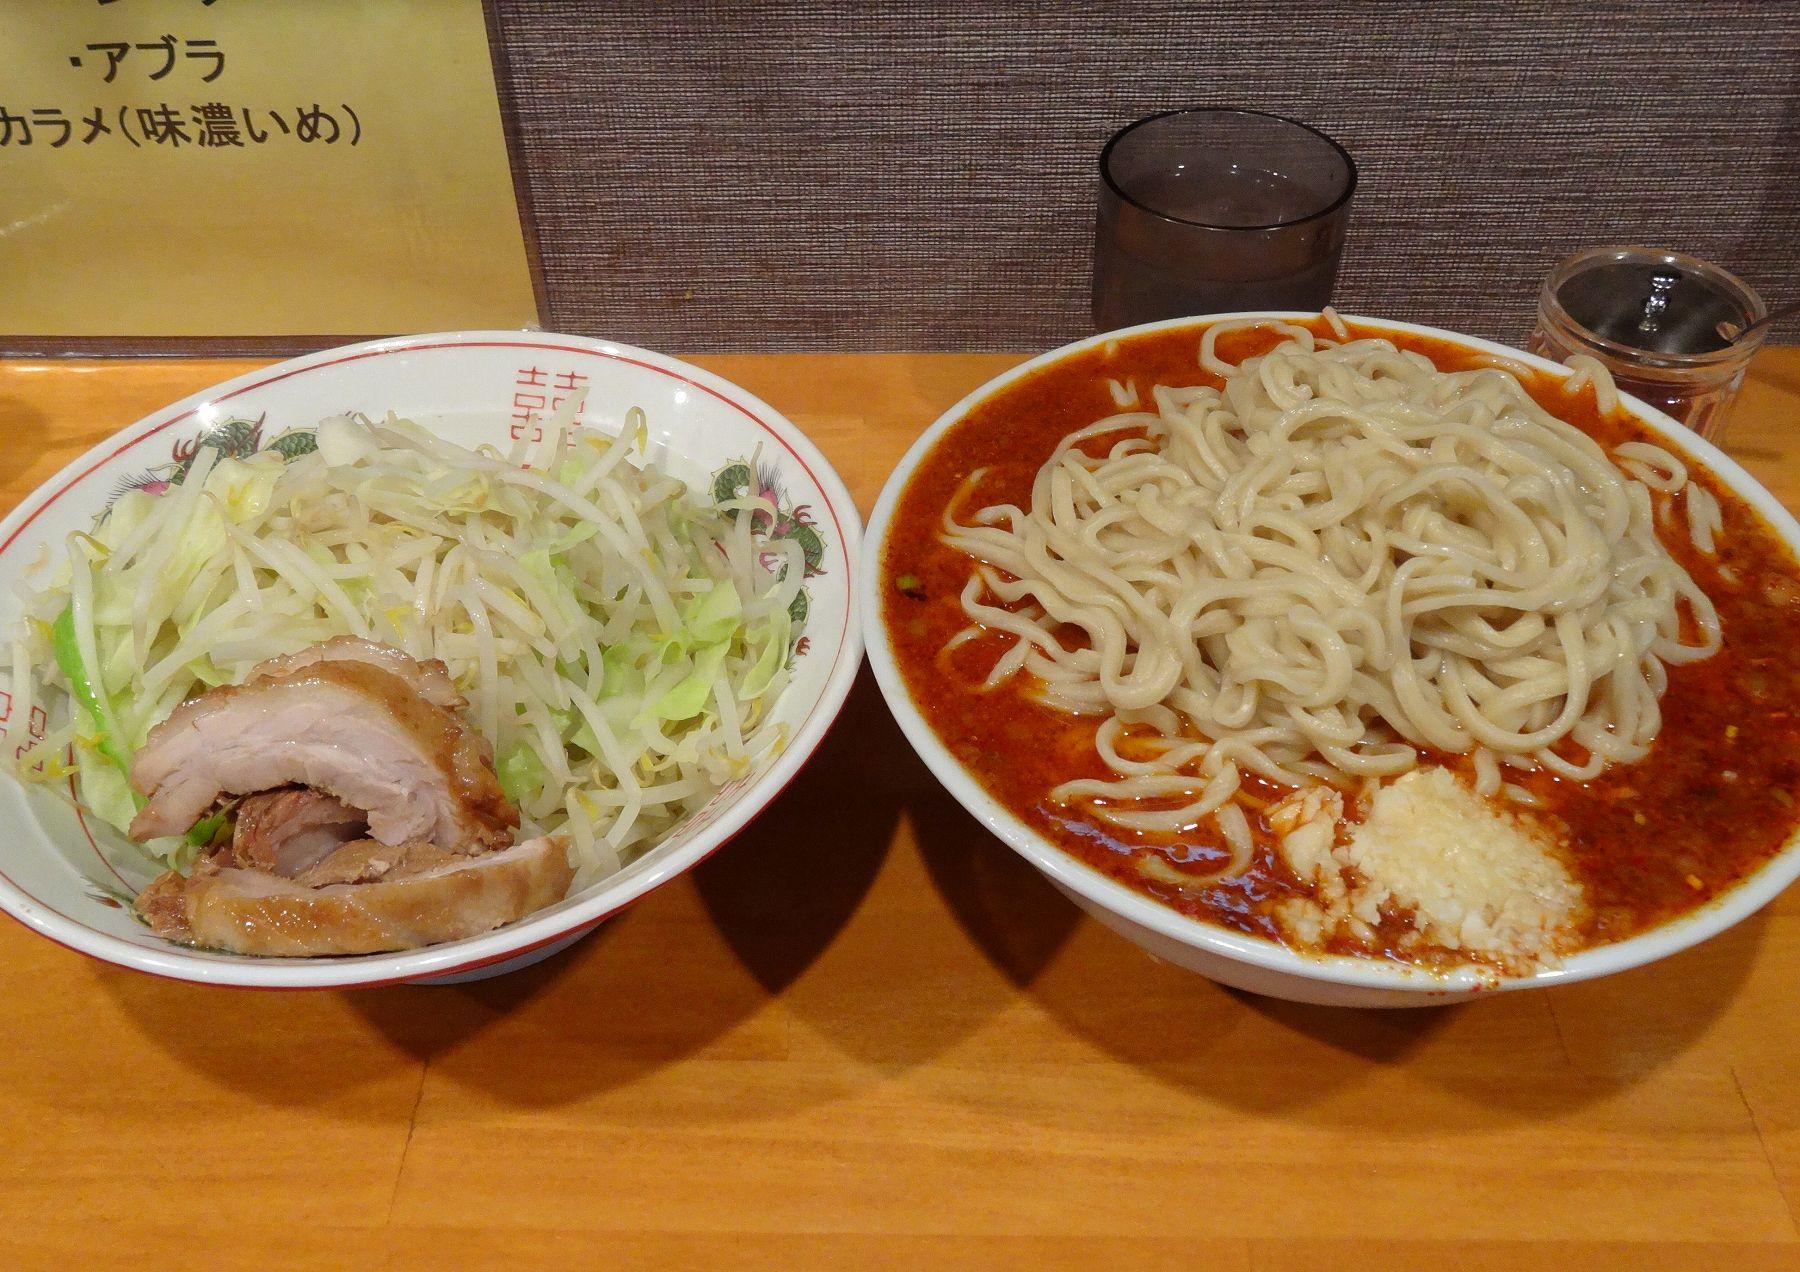 20120727003butaboshi.jpg